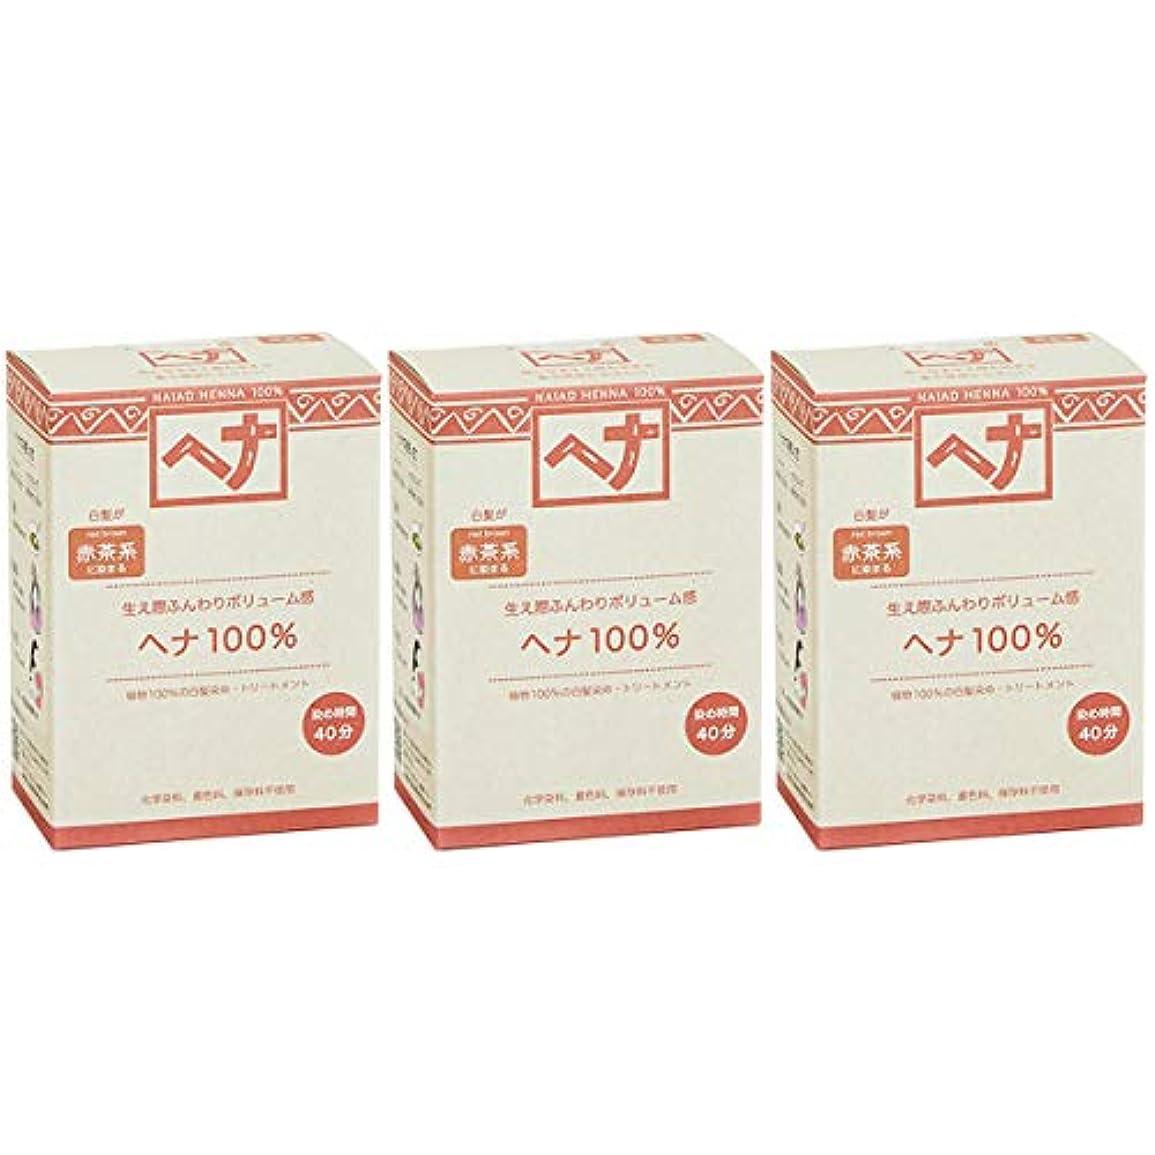 バドミントンリズム保存するナイアード ヘナ 100% 赤茶系 生え際ふんわりボリューム感 100g 3個セット 白髪染め 100%植物でつくられた自然素材